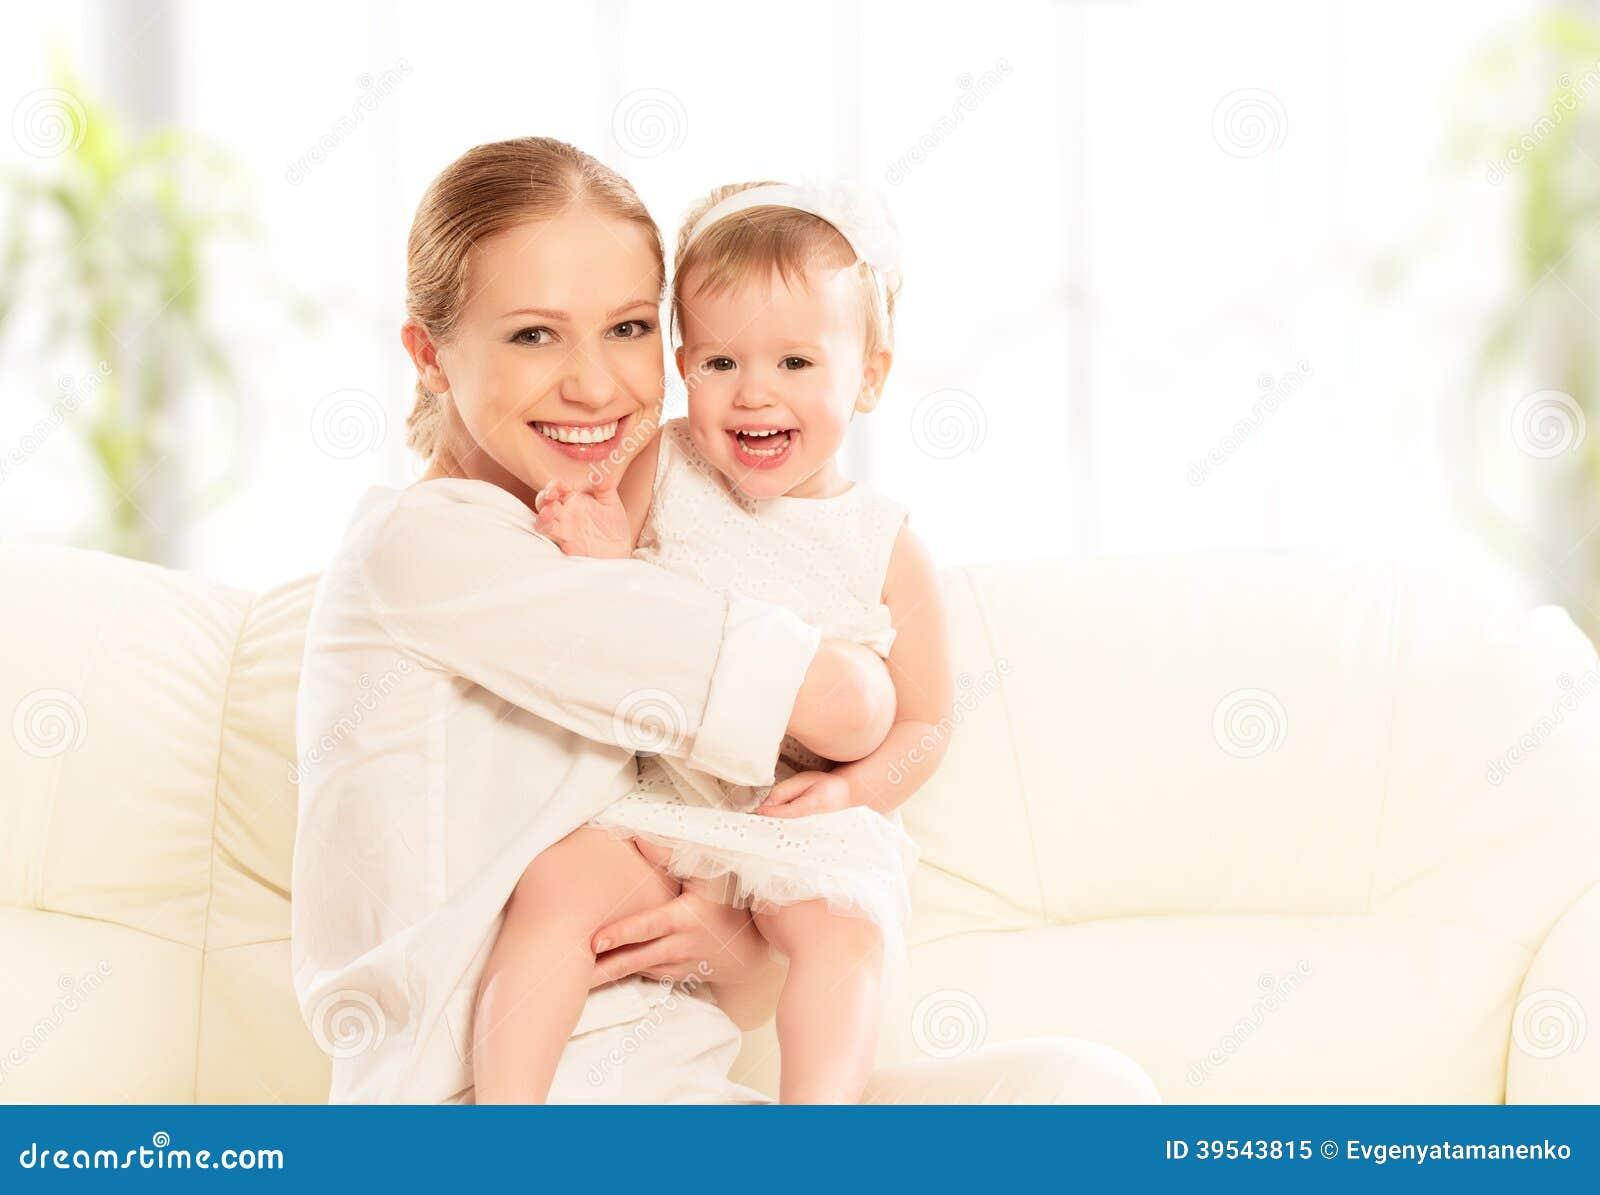 Szczęśliwa rodzina. Matki i dziecka córki sztuki, przytulenie, całowanie